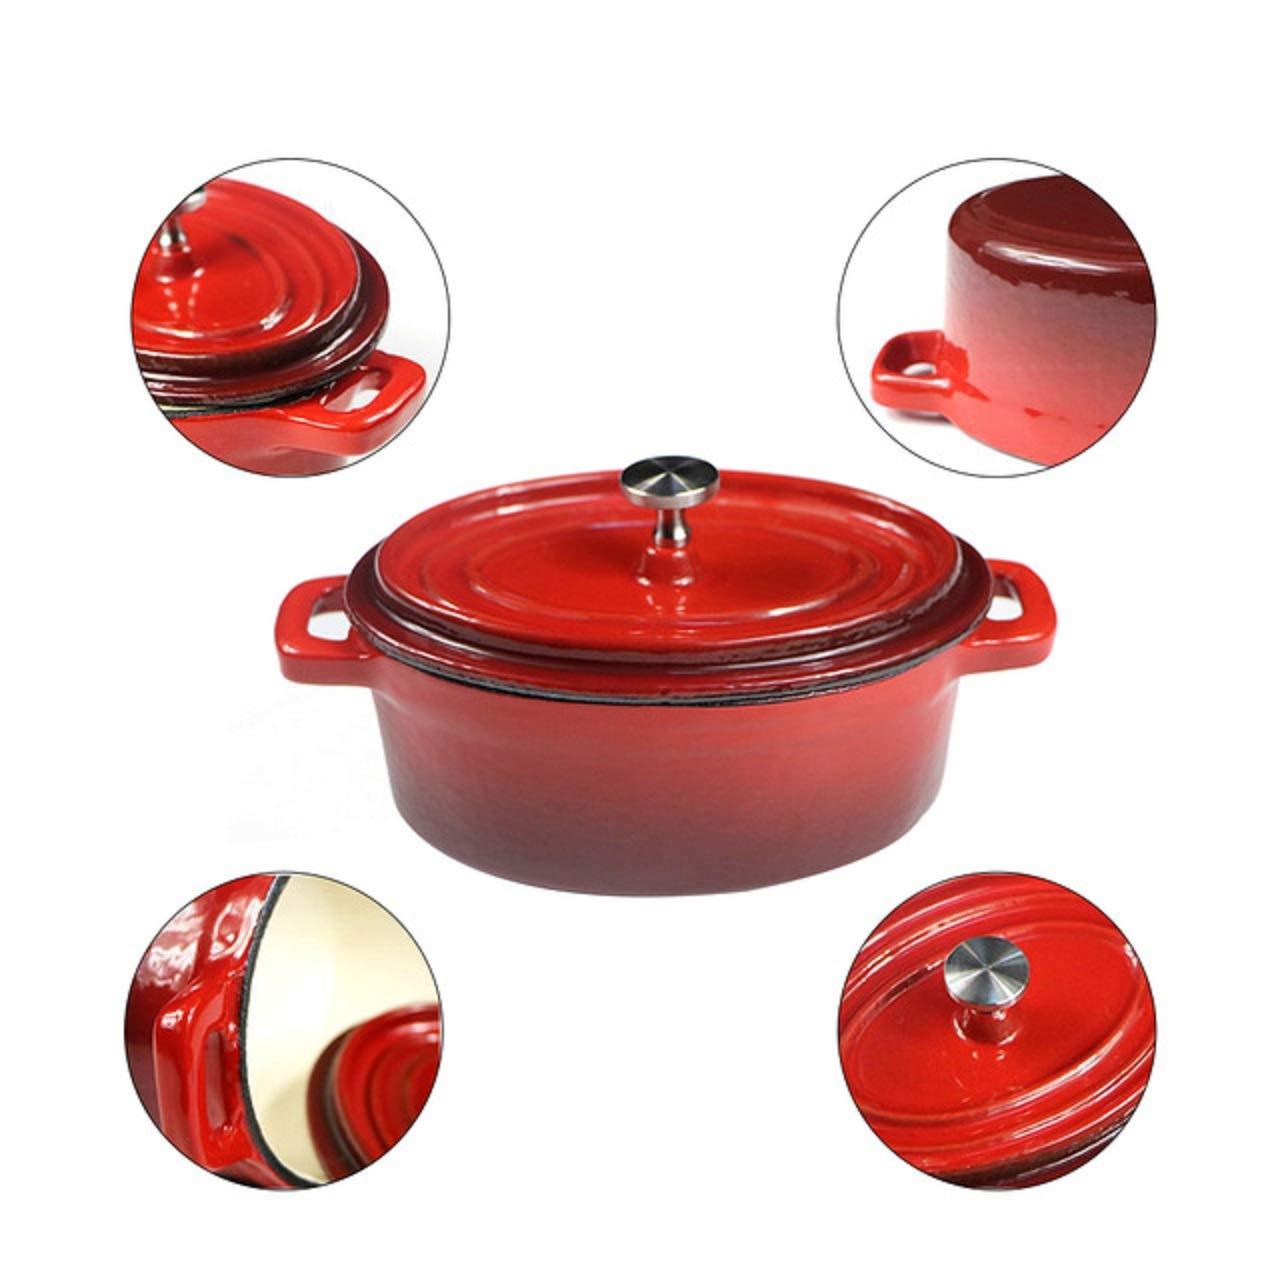 Non-stick Enameled Cast Iron Dutch Oven Pan Dutch Ovens Enameled Cast Iron Covered Casserole Oval Mini Pot Panela Cooking Pot Cookware Ollas De Cocina